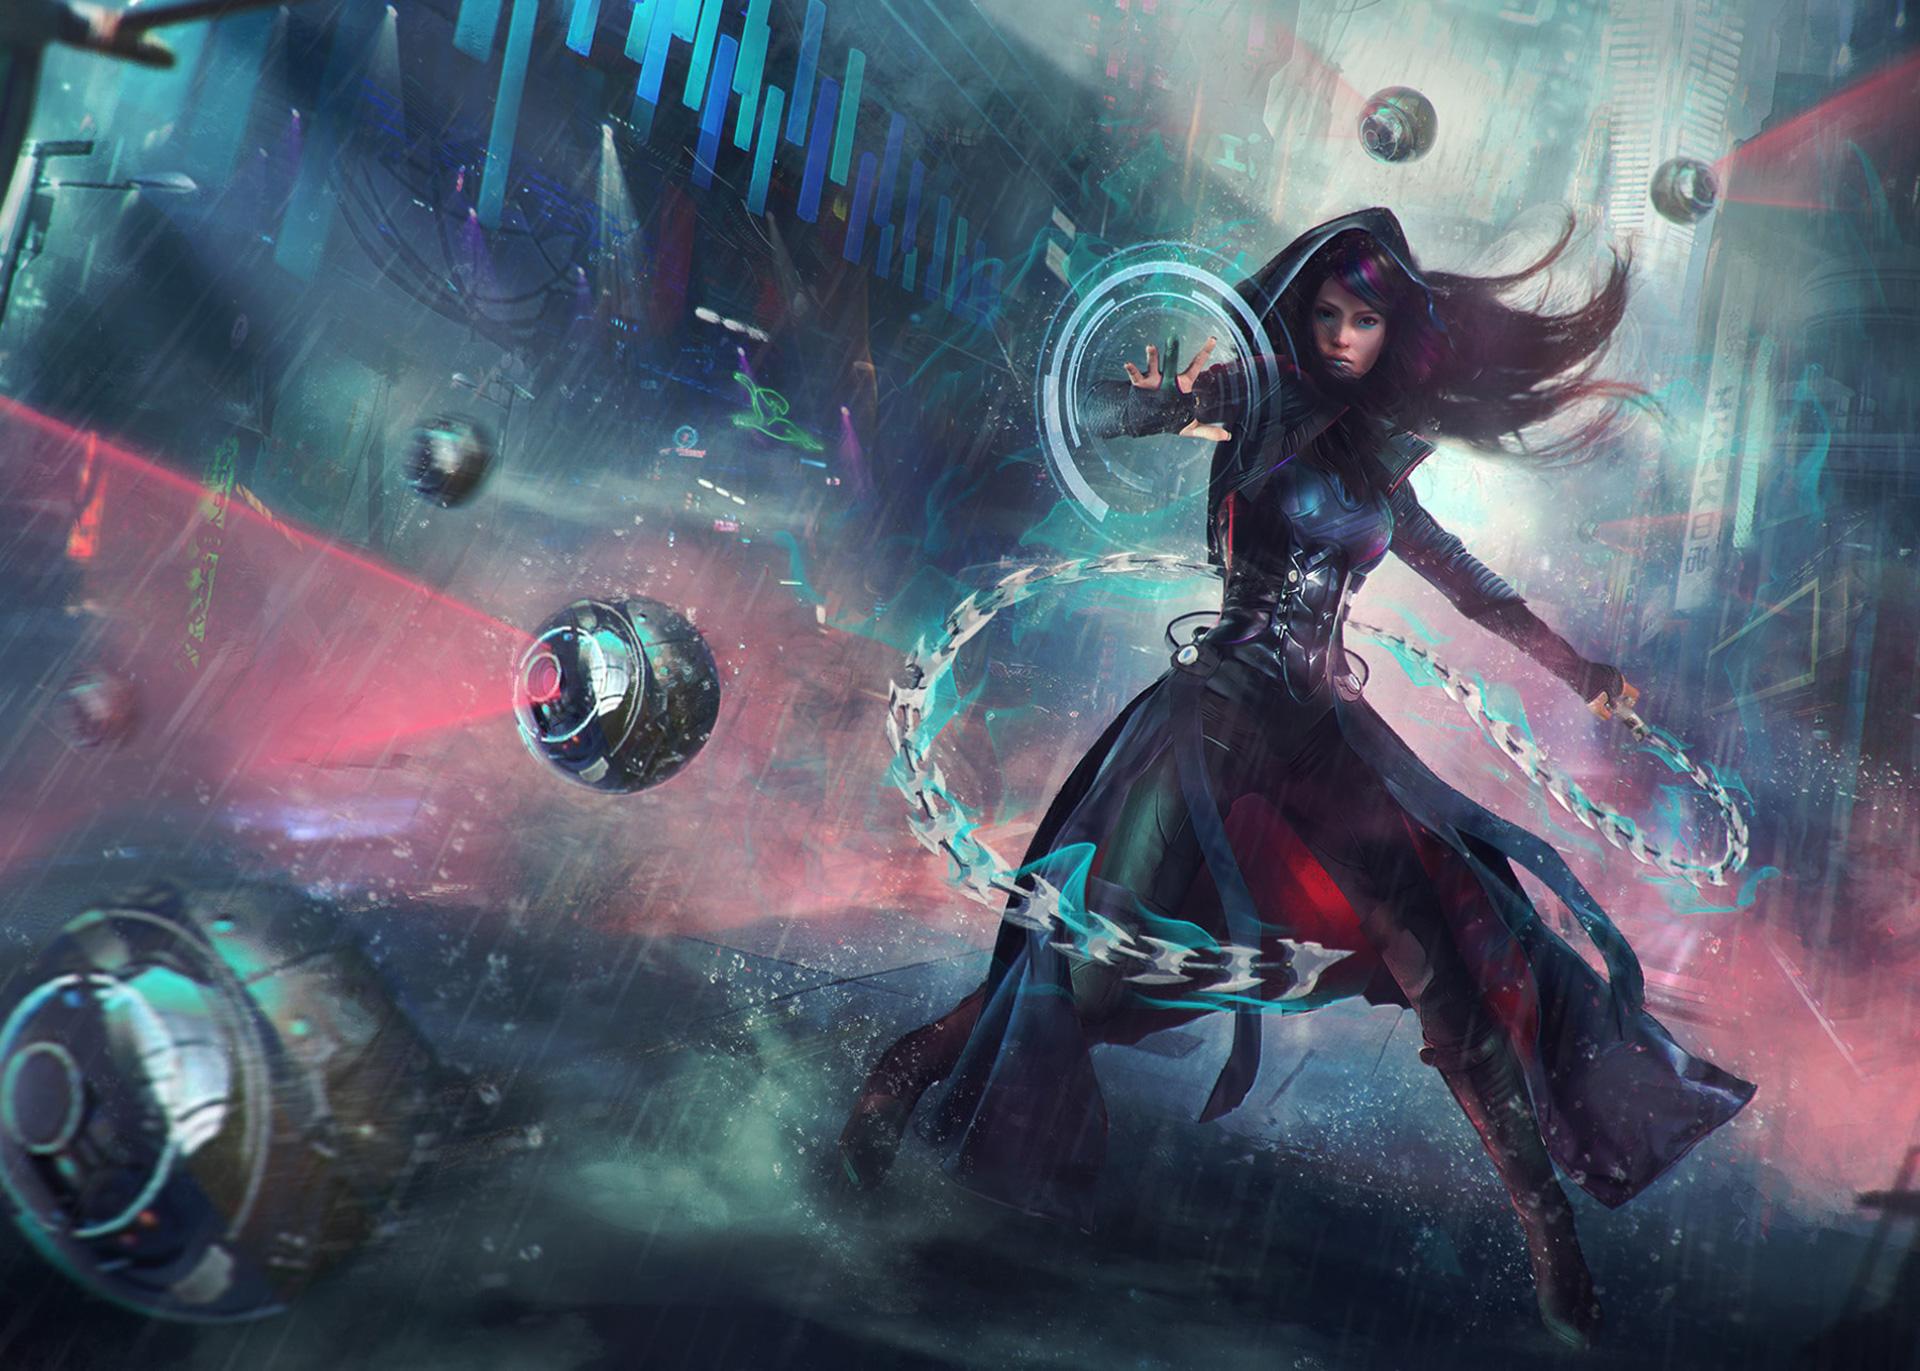 2048x1152 Warrior Girl Sci Fi Cyberpunk Futuristic Artwork